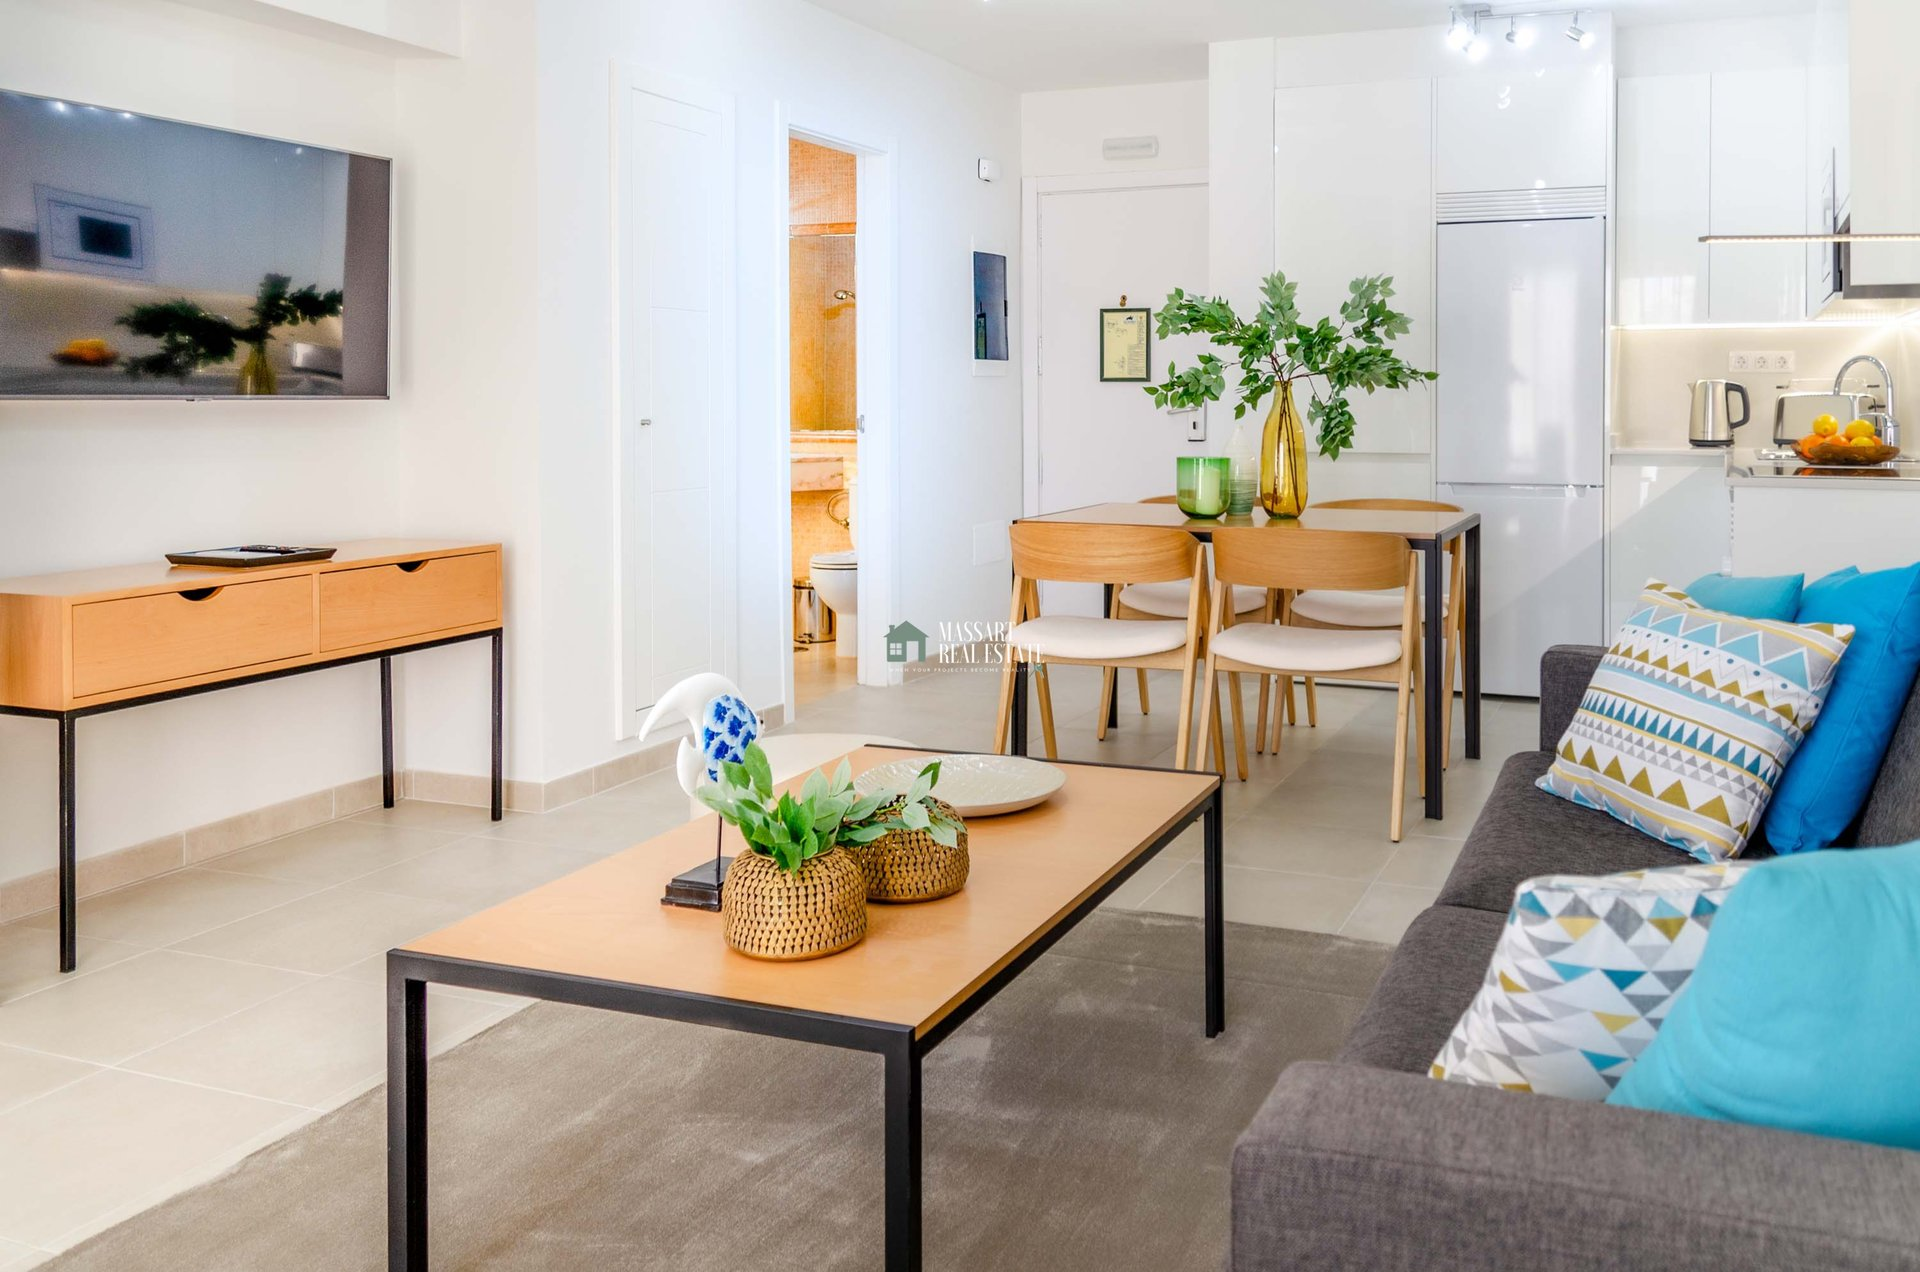 OPPORTUNITÉ D'INVESTISSEMENT EXTRAORDINAIRE! - Appartement de vacances qui vous garantira une rentabilité économique élevée et permanente.